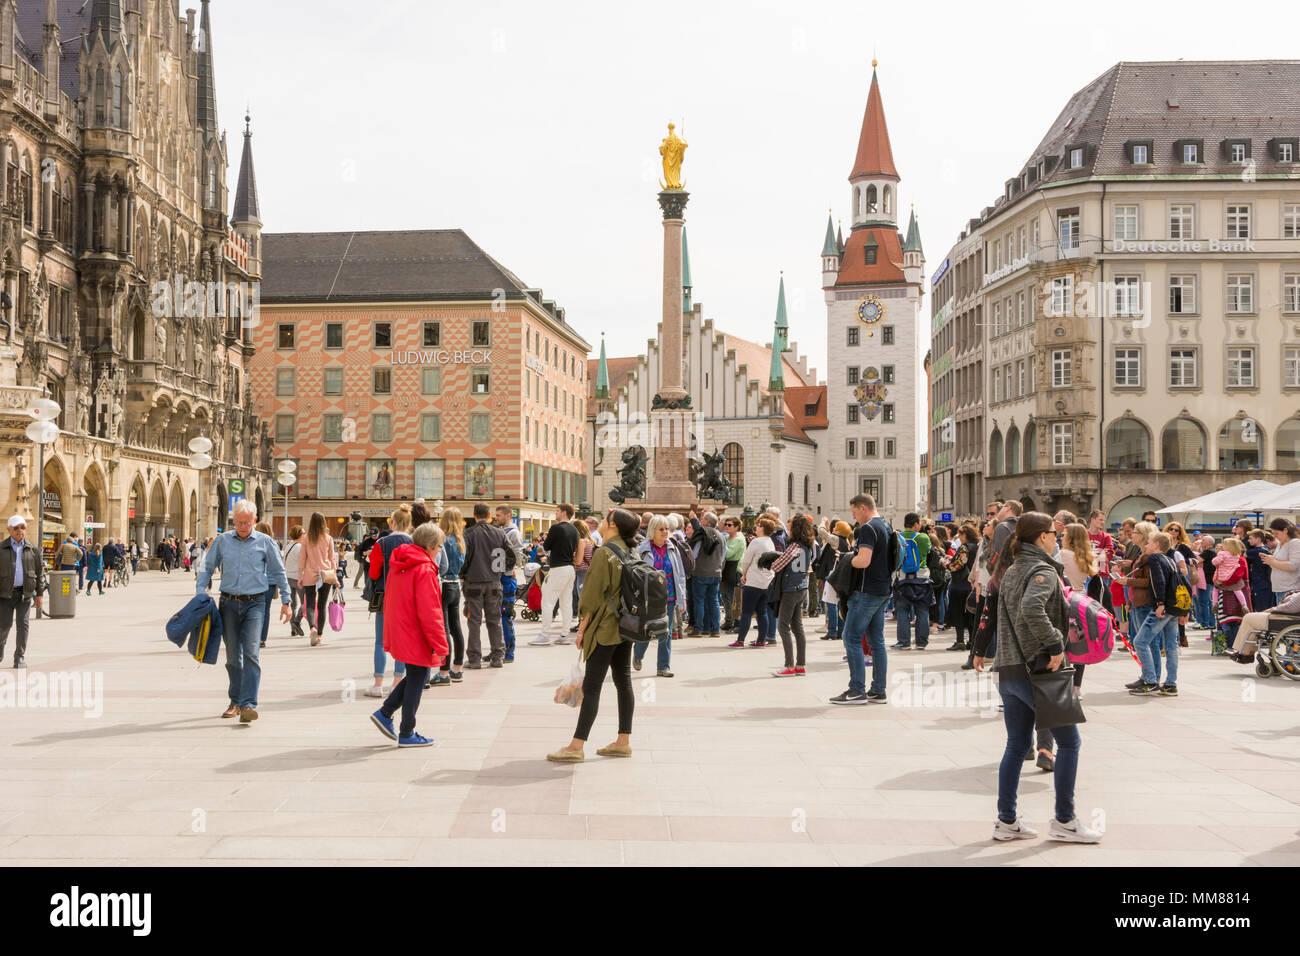 MUNICH, ALLEMAGNE - le 4 avril: les touristes à la place Marienplatz à Munich, Allemagne, le 4 avril 2018. Photo Stock